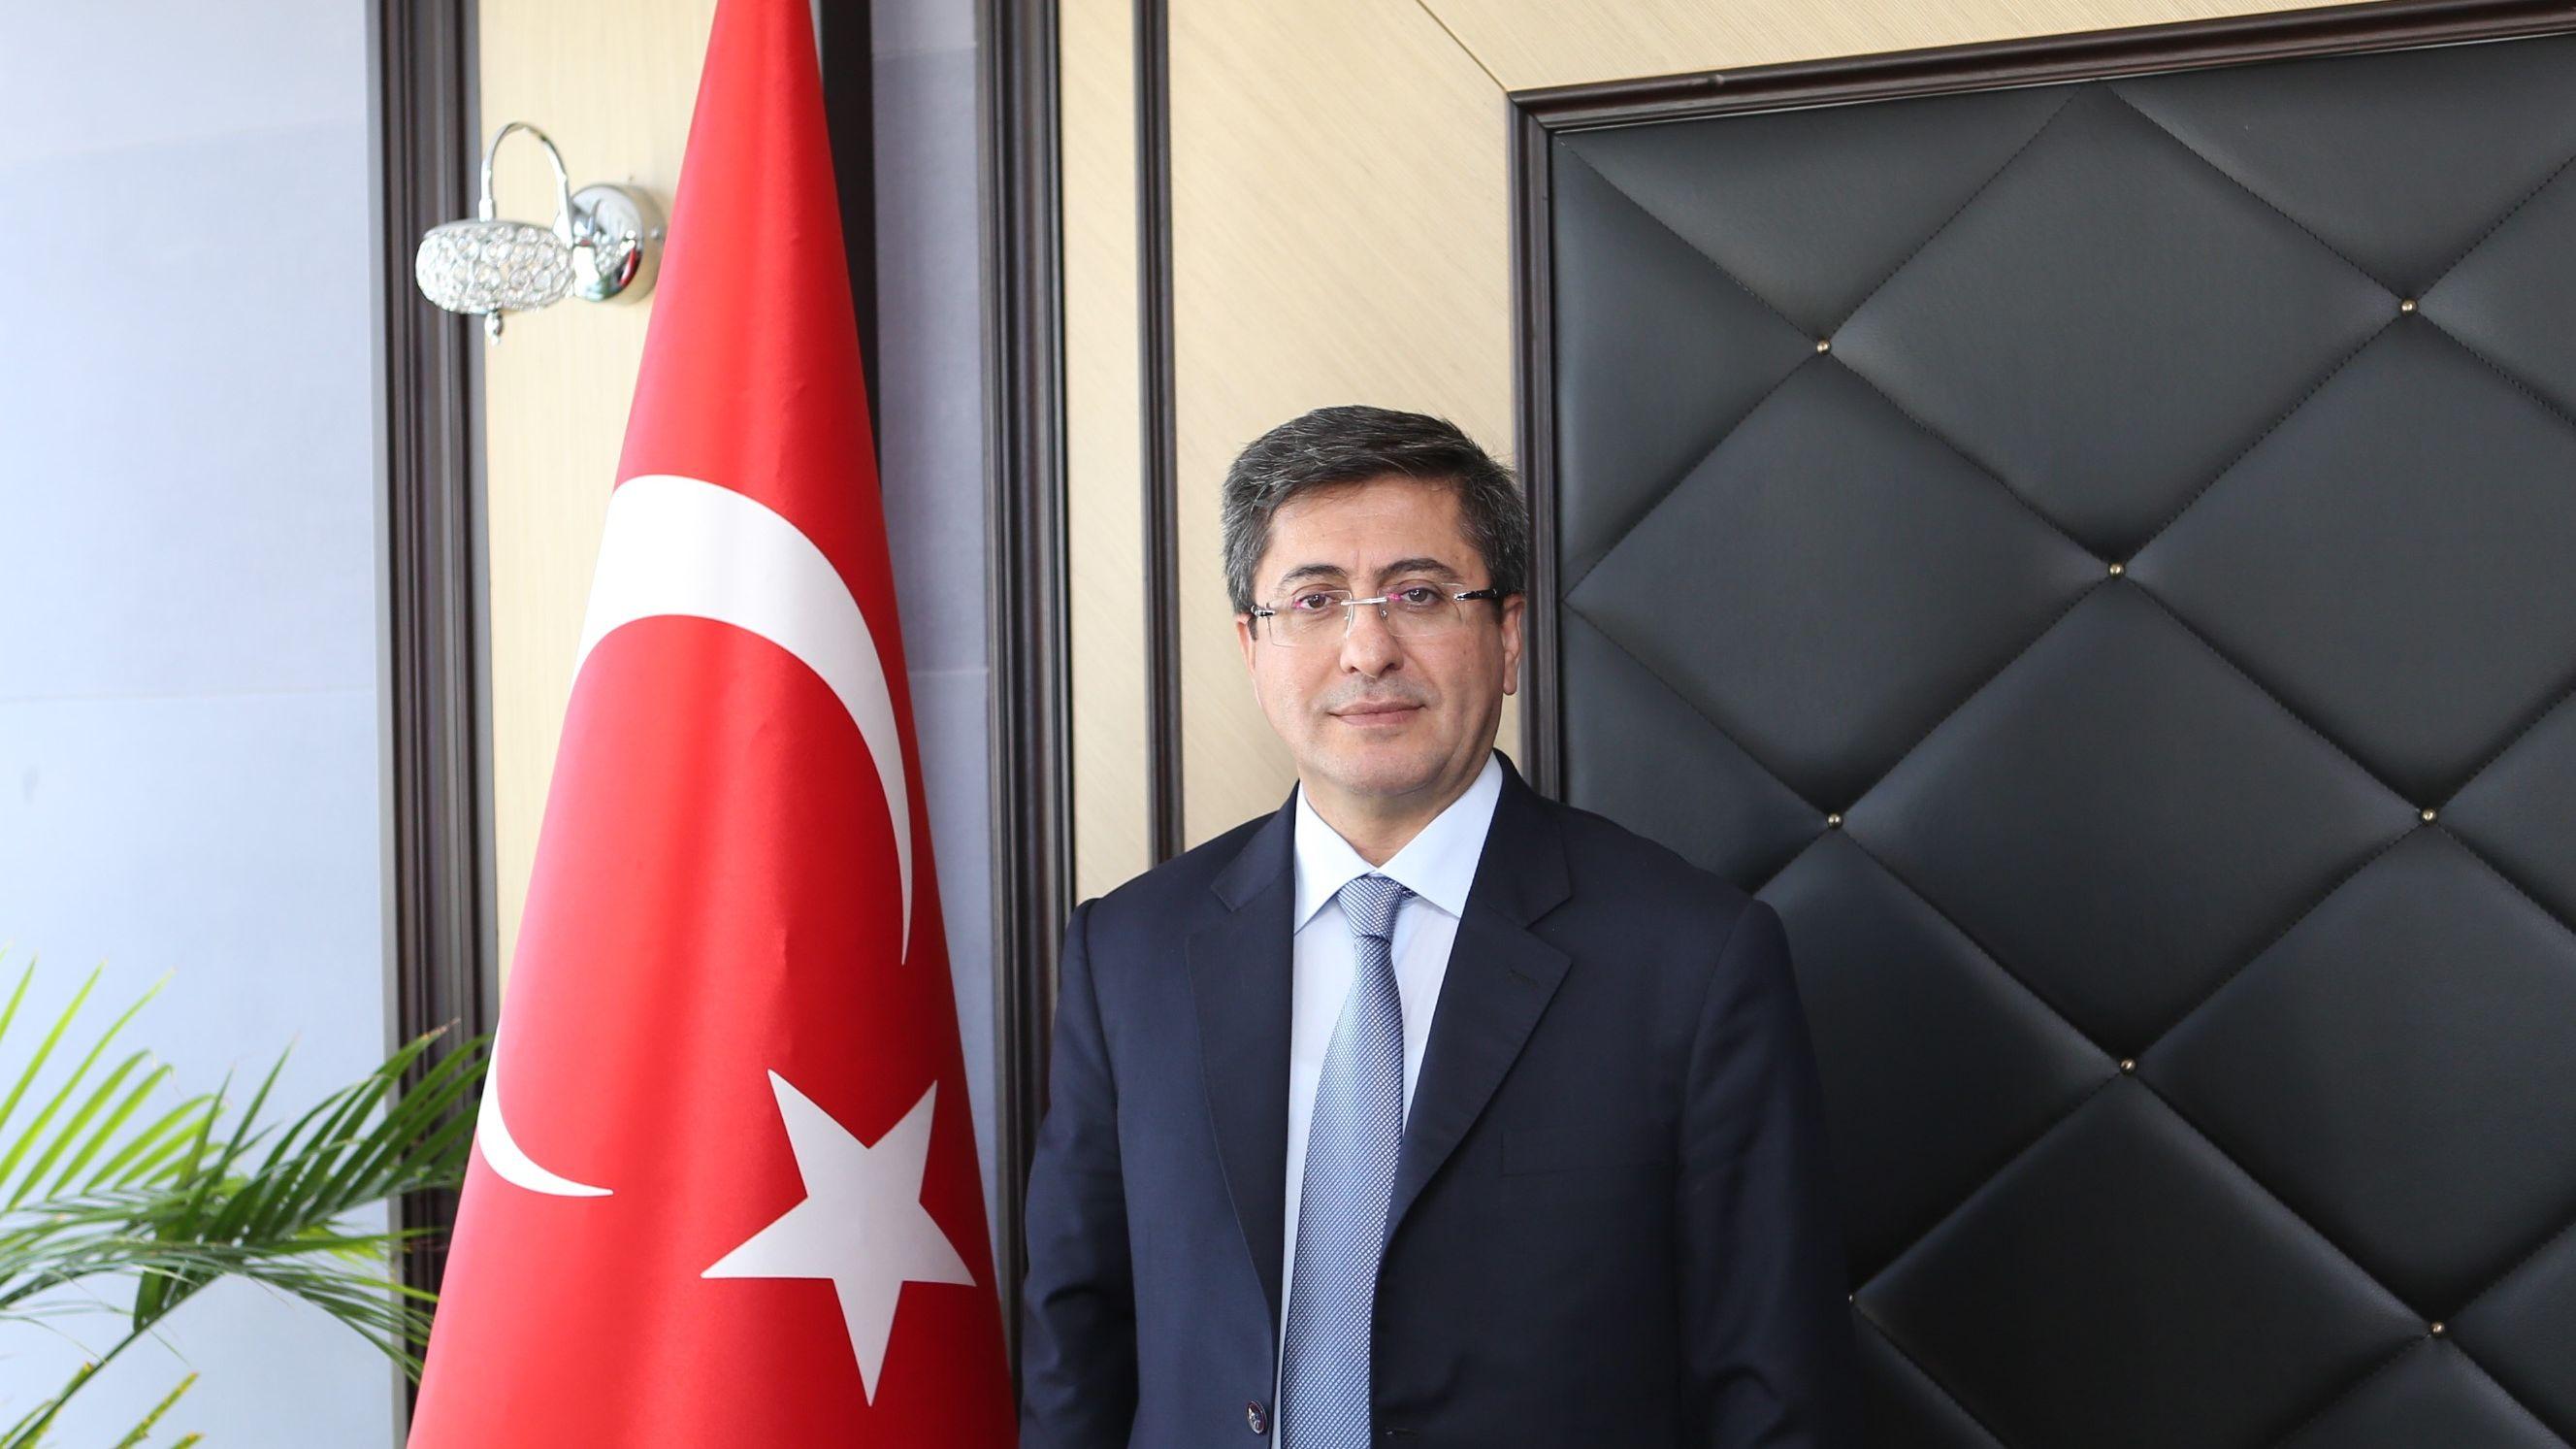 turkiye-ilac-ve-tibbi-cihaz-kurumu-nda-nobet-degisimi-21072020122309